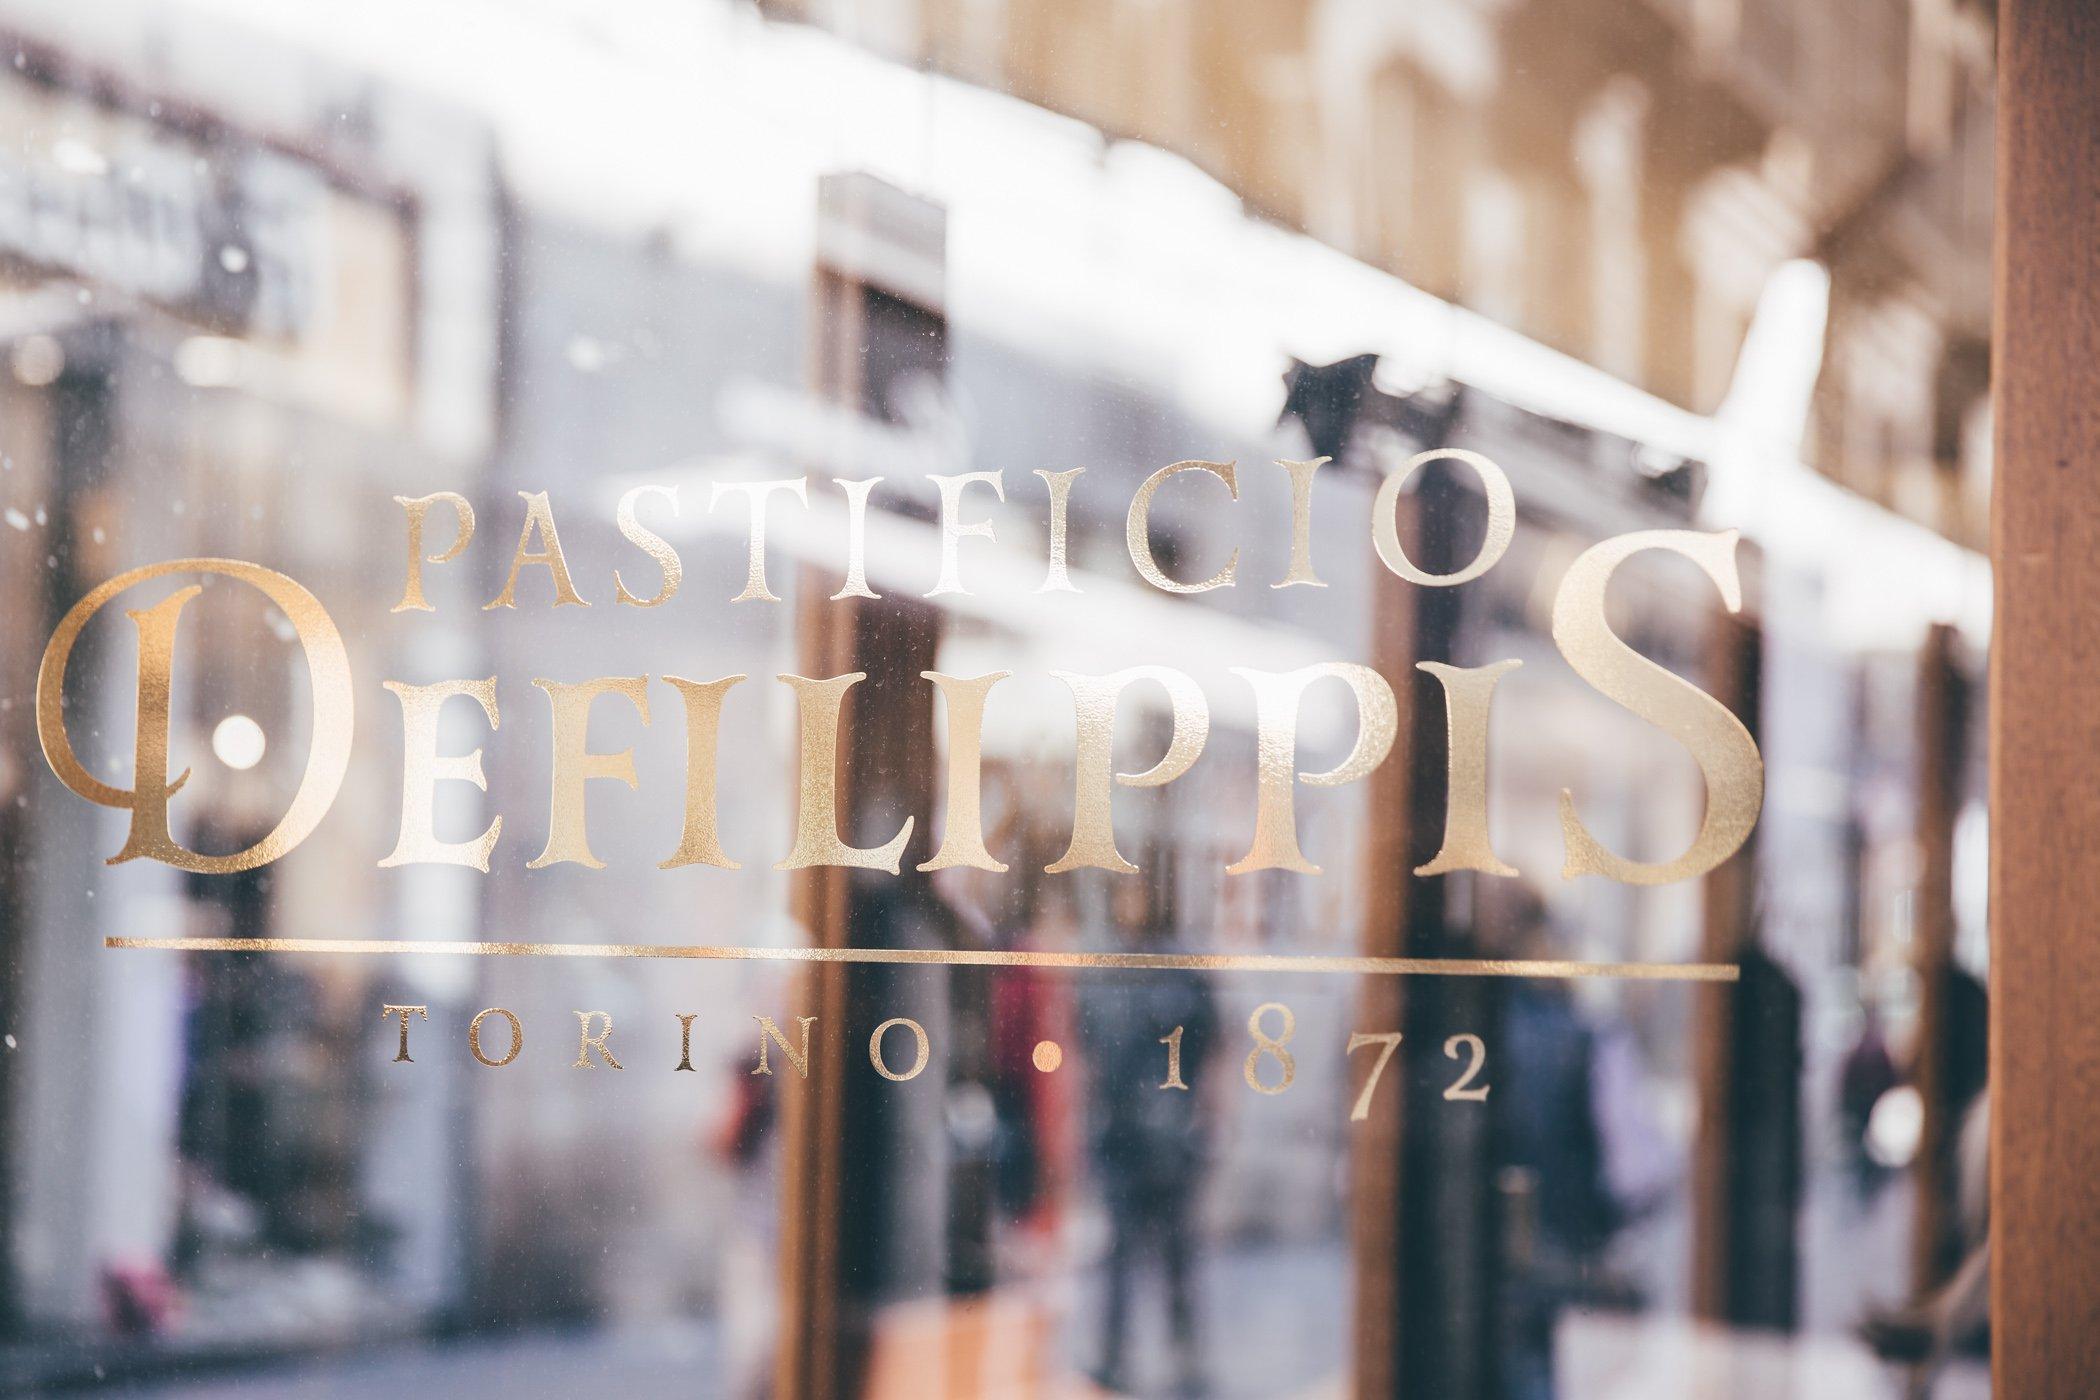 Pastificio Defilippis Turin